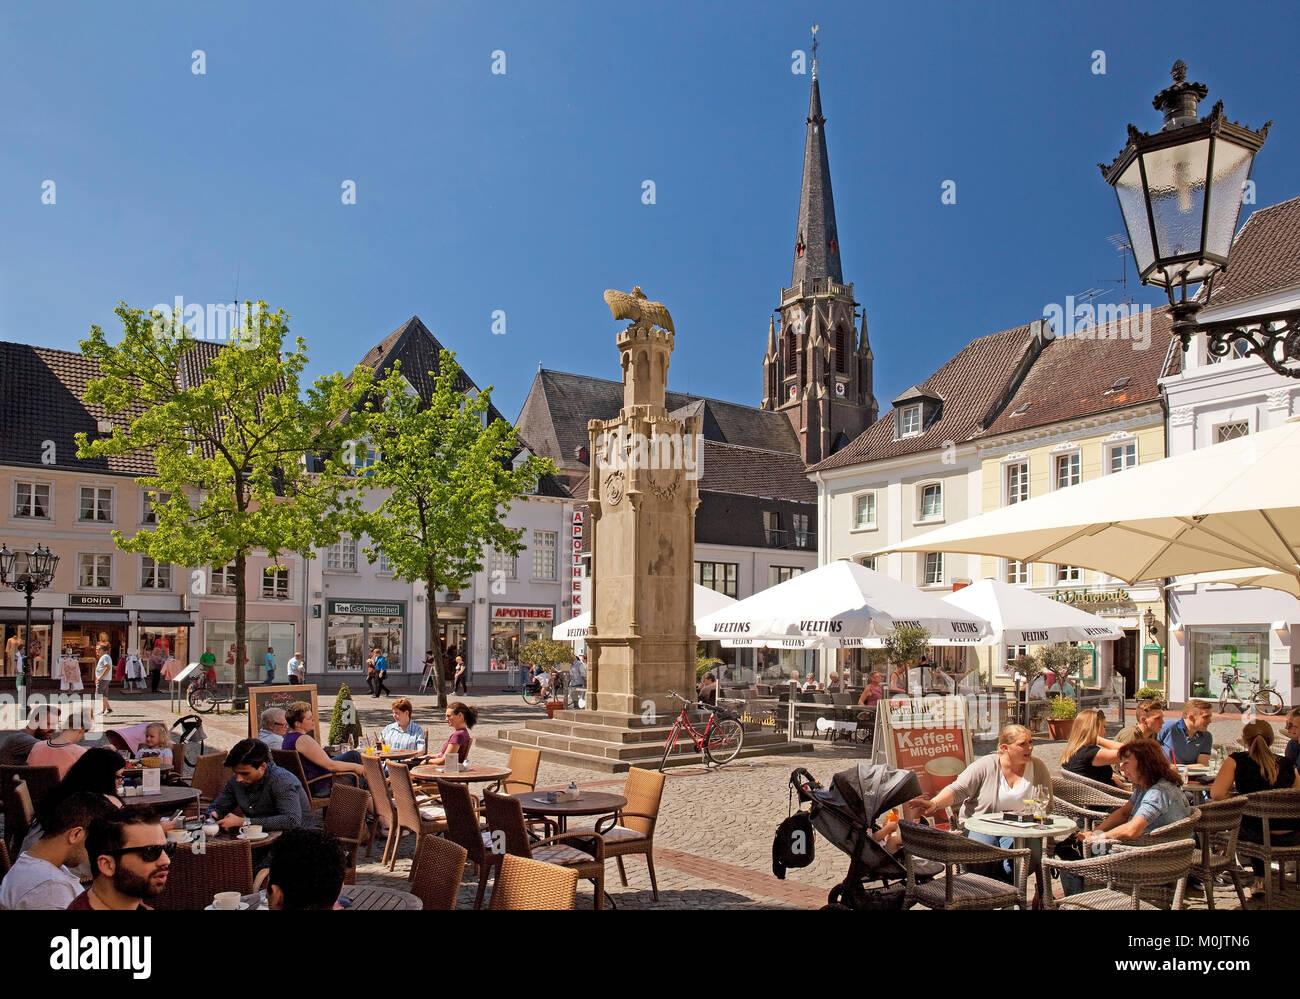 La gastronomie en plein air à l'Altmarkt, Moers, Ruhr, Rhénanie du Nord-Westphalie, Allemagne Photo Stock